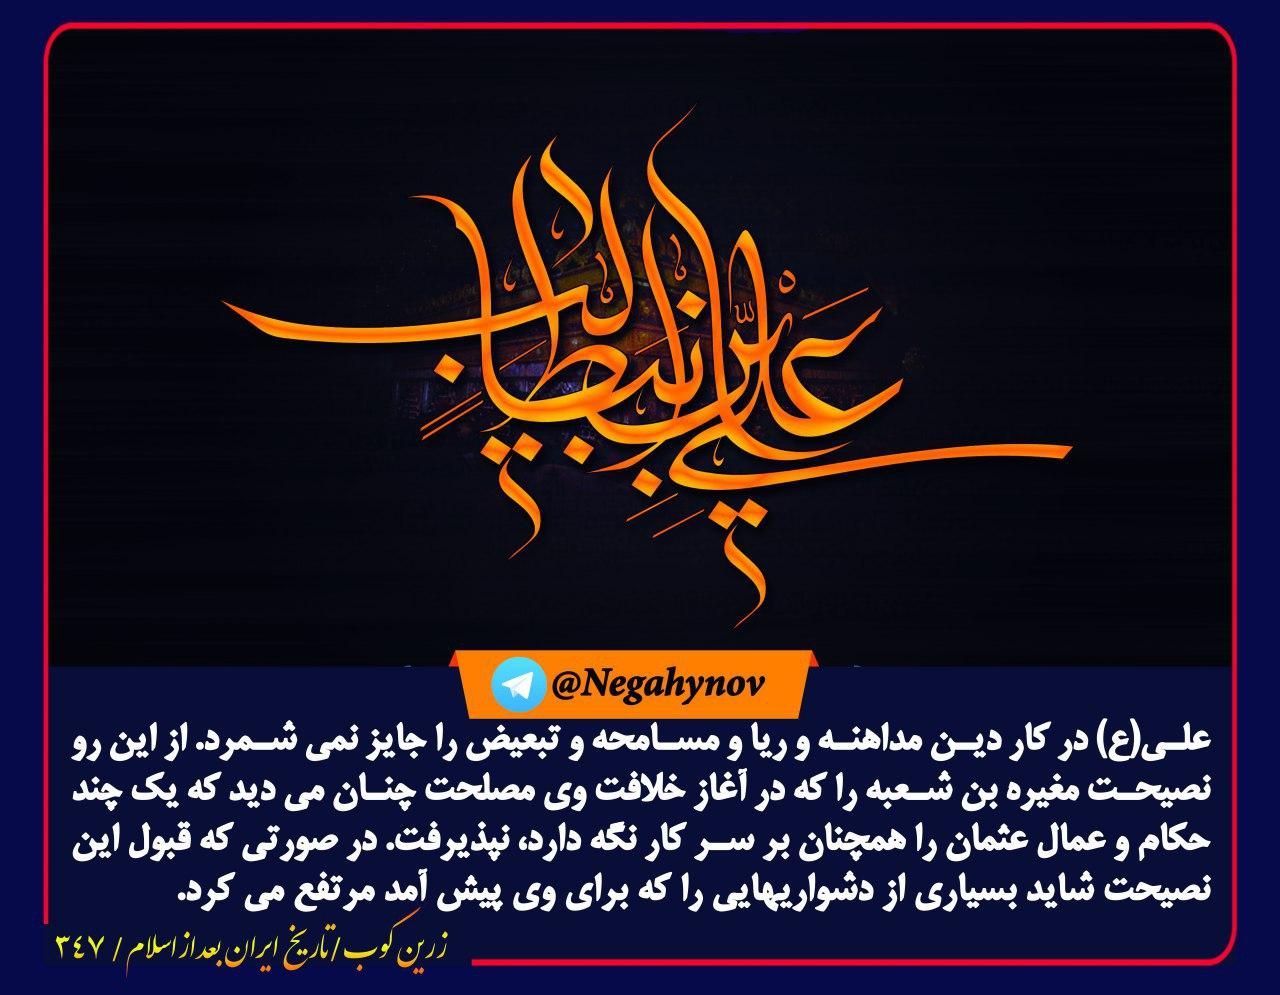 سیره امام علی (ع) - نگاهی نو